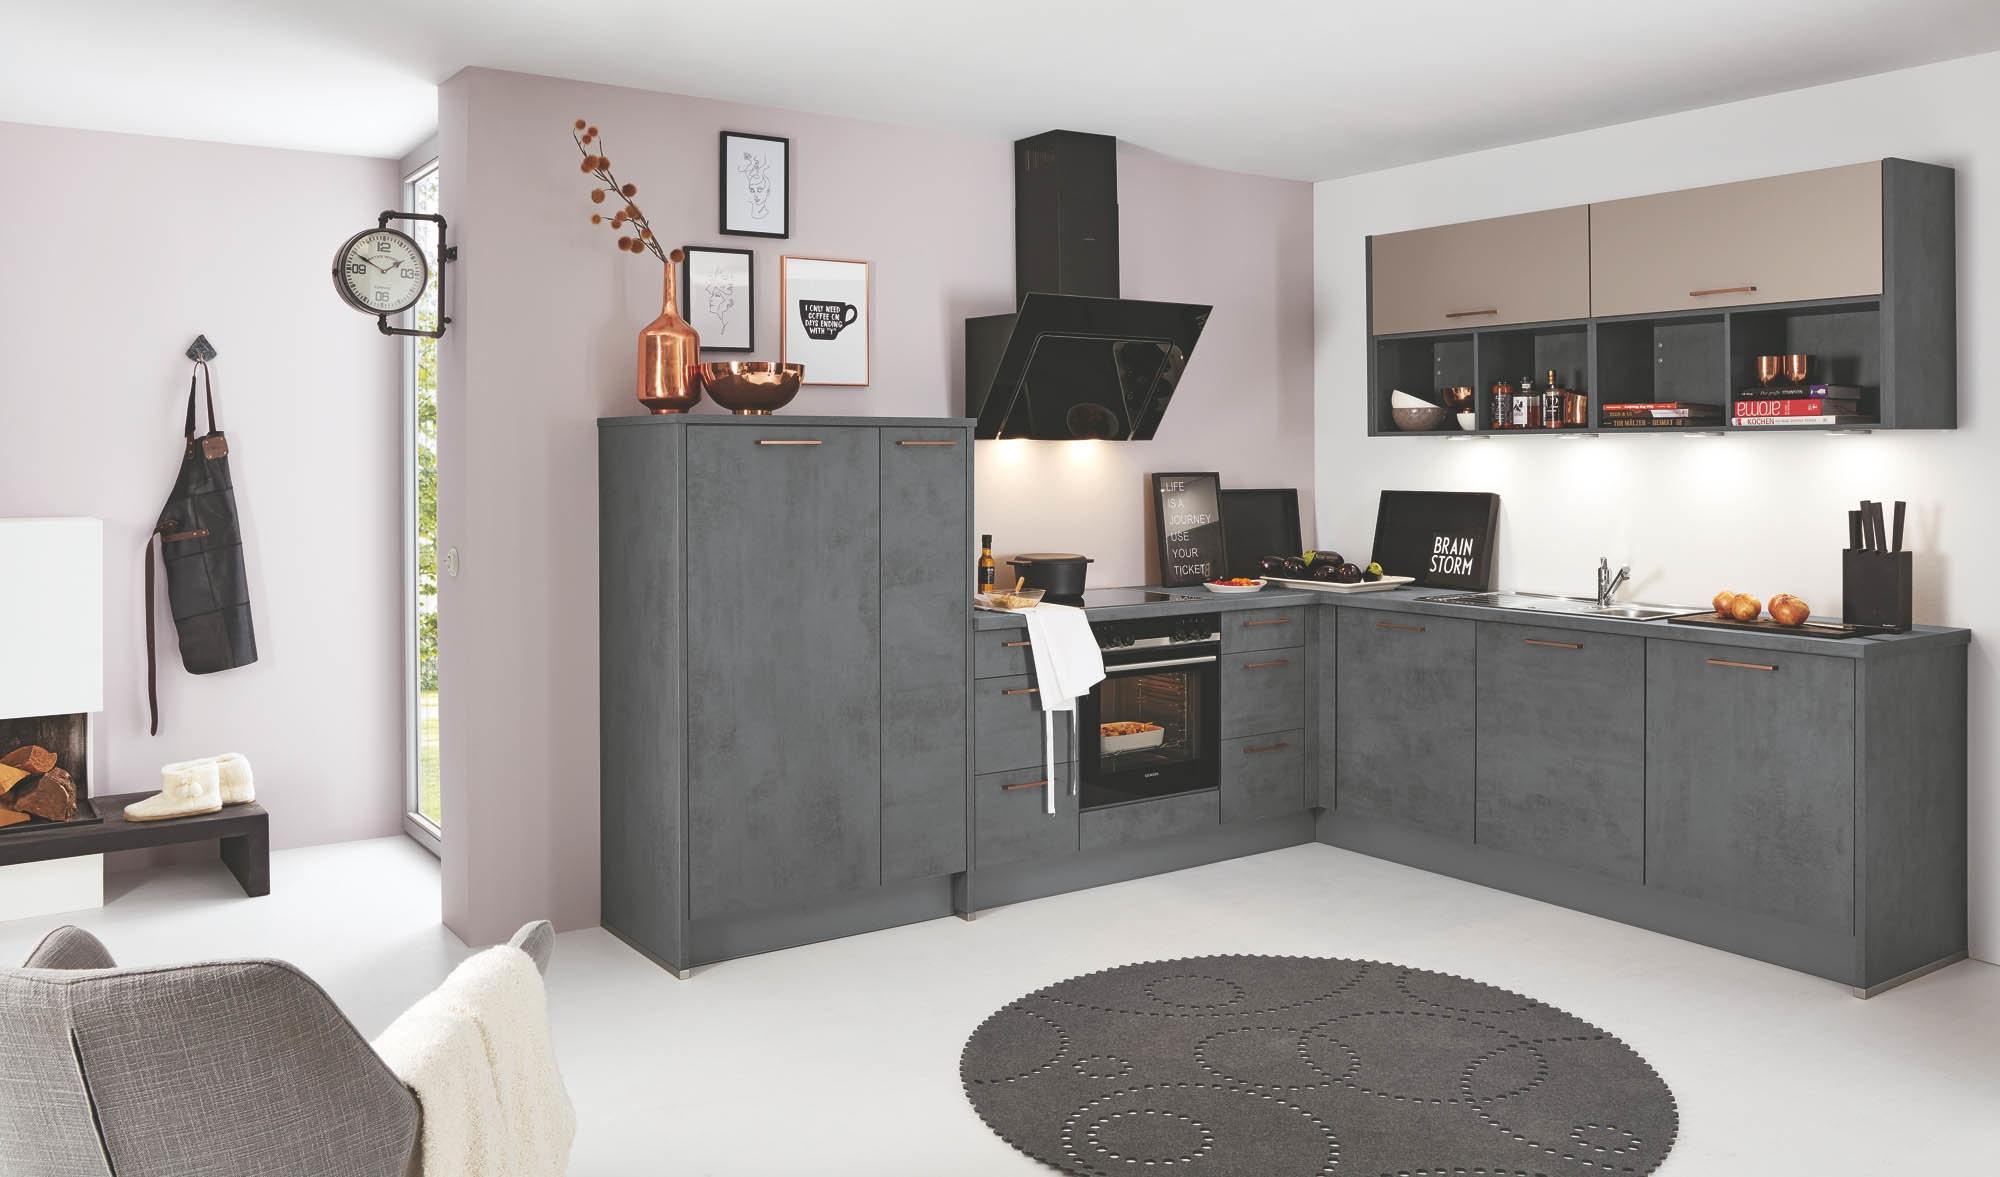 Full Size of Pino Küchenzeile Küche Pinolino Bett Wohnzimmer Pino Küchenzeile